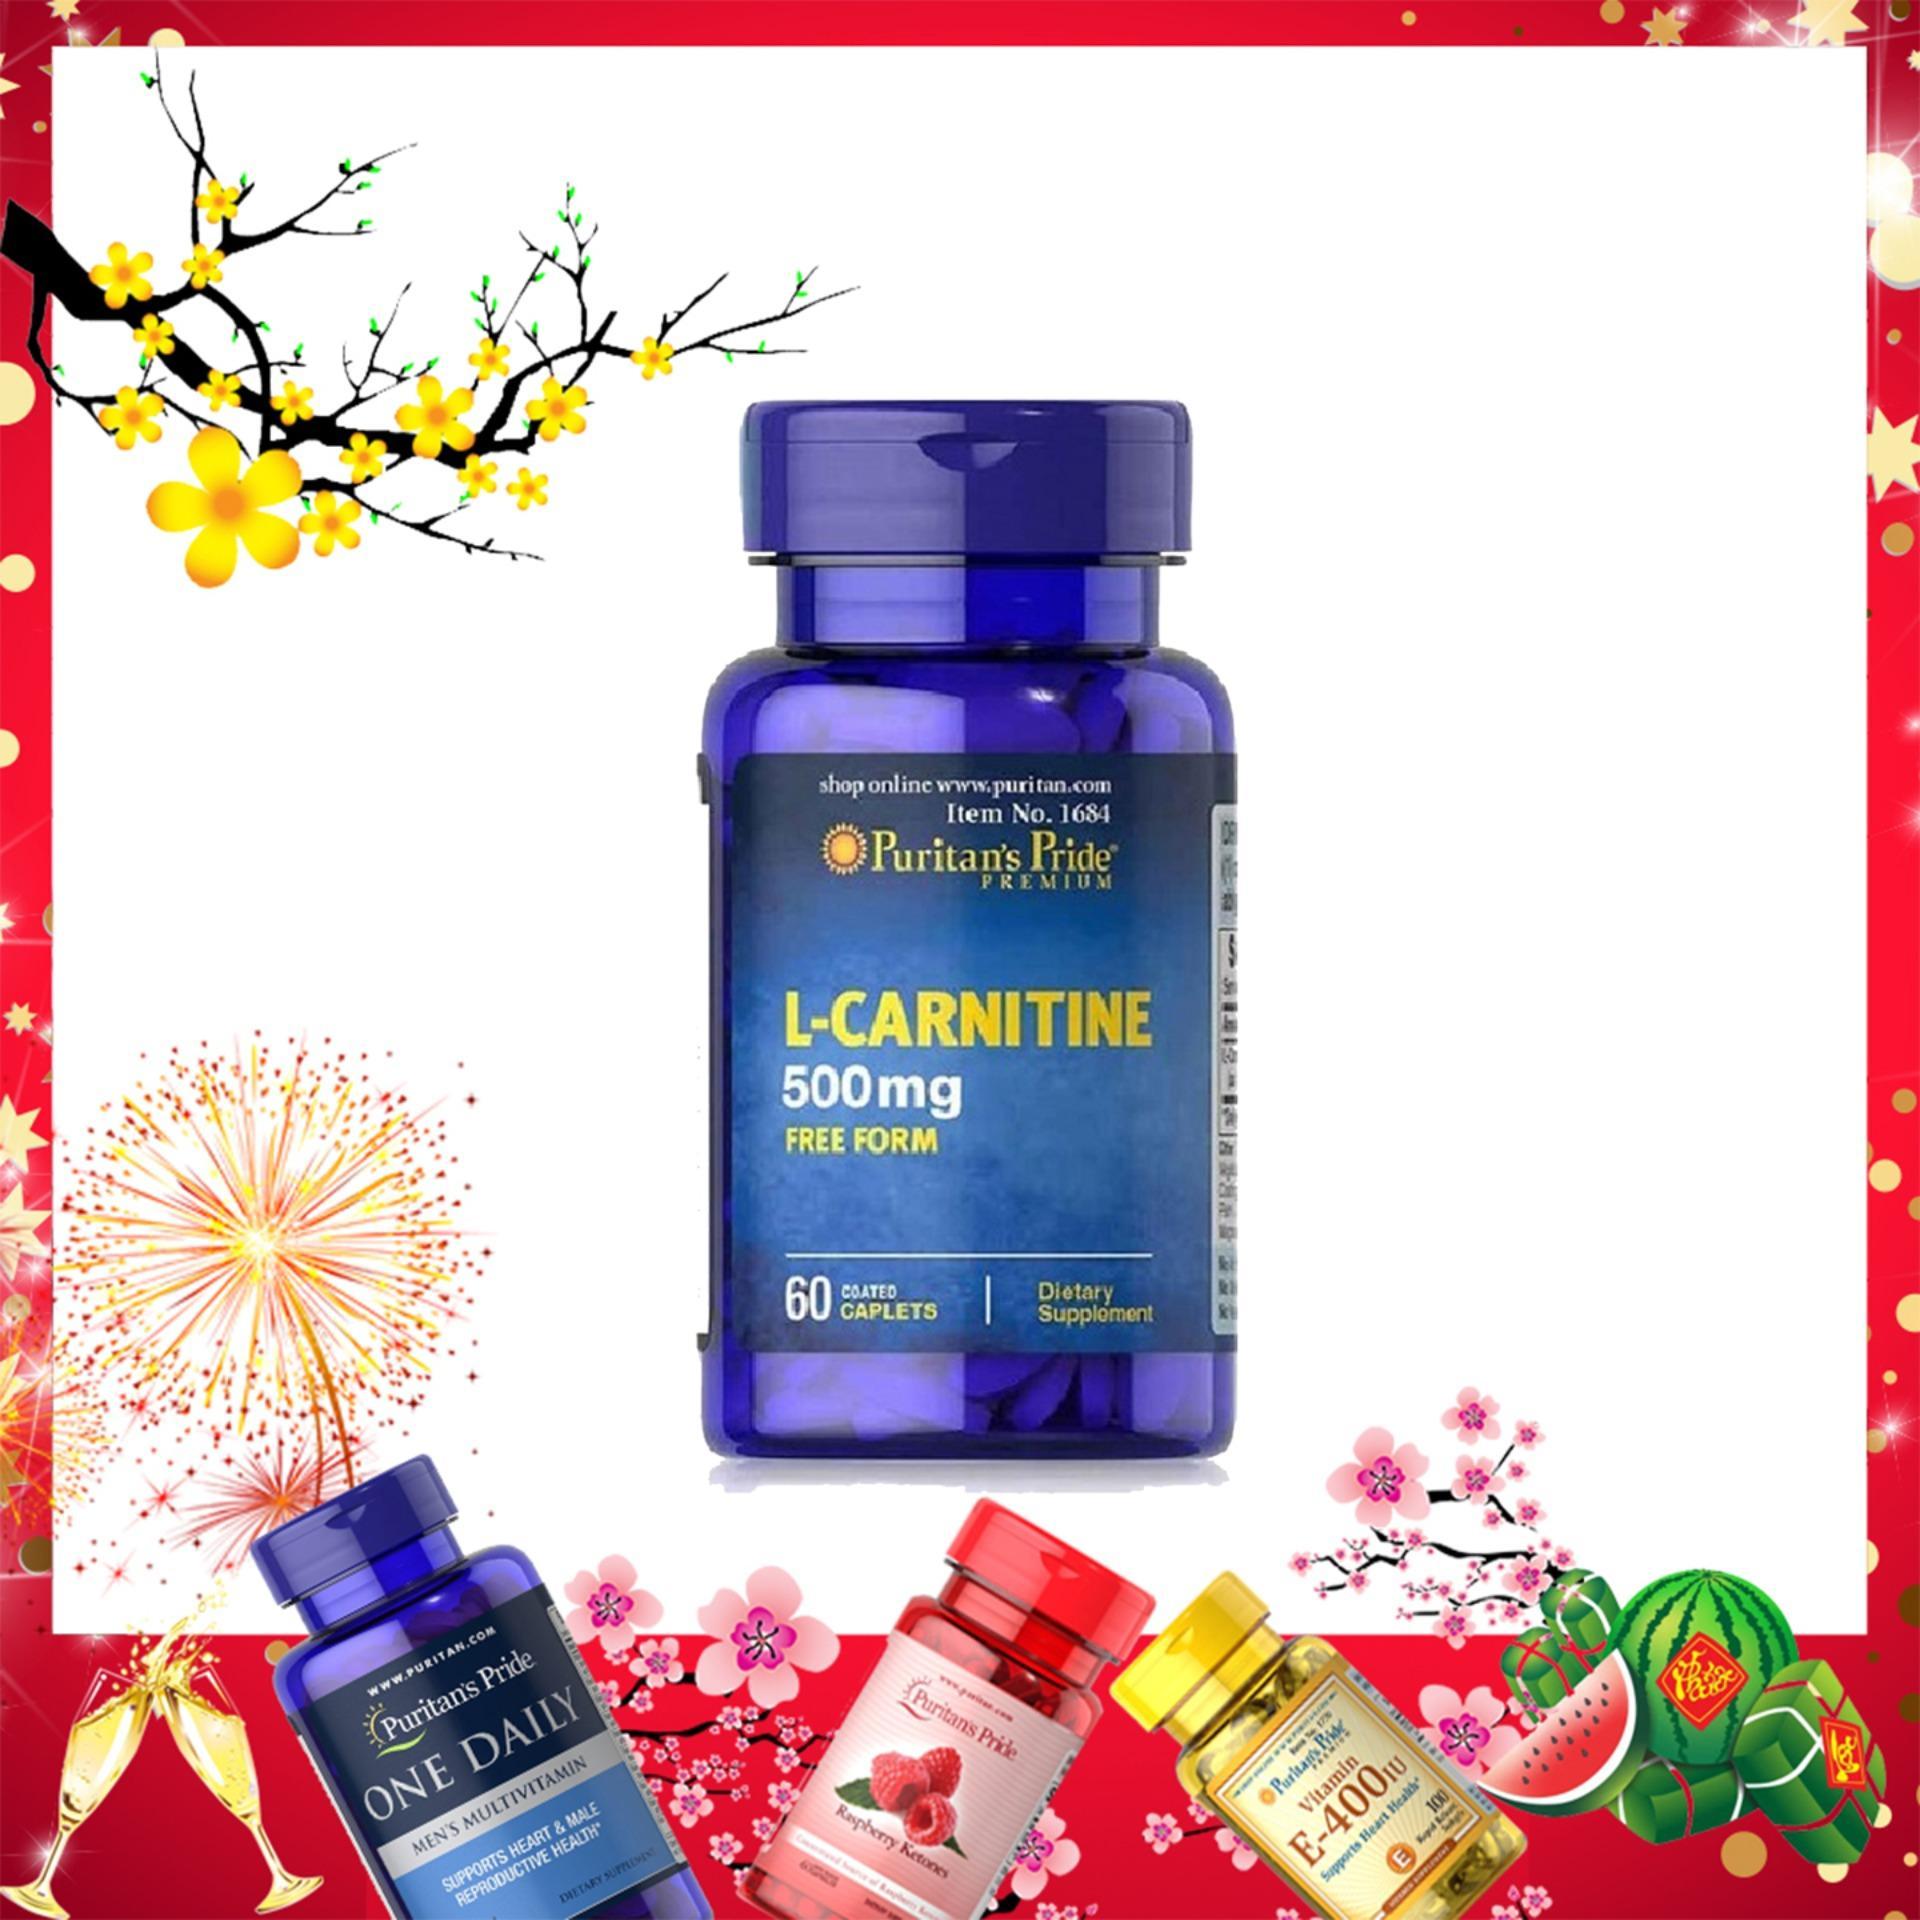 Viên uống hỗ trợ giảm cân, không tác dụng phụ, ngăn tích tụ chất béo giúp cơ thể săn gọn, tăng sức khỏe và sức bền, bổ thận Puritans Pride L-Carnitine 500mg 60 viên HSD tháng 3/2020